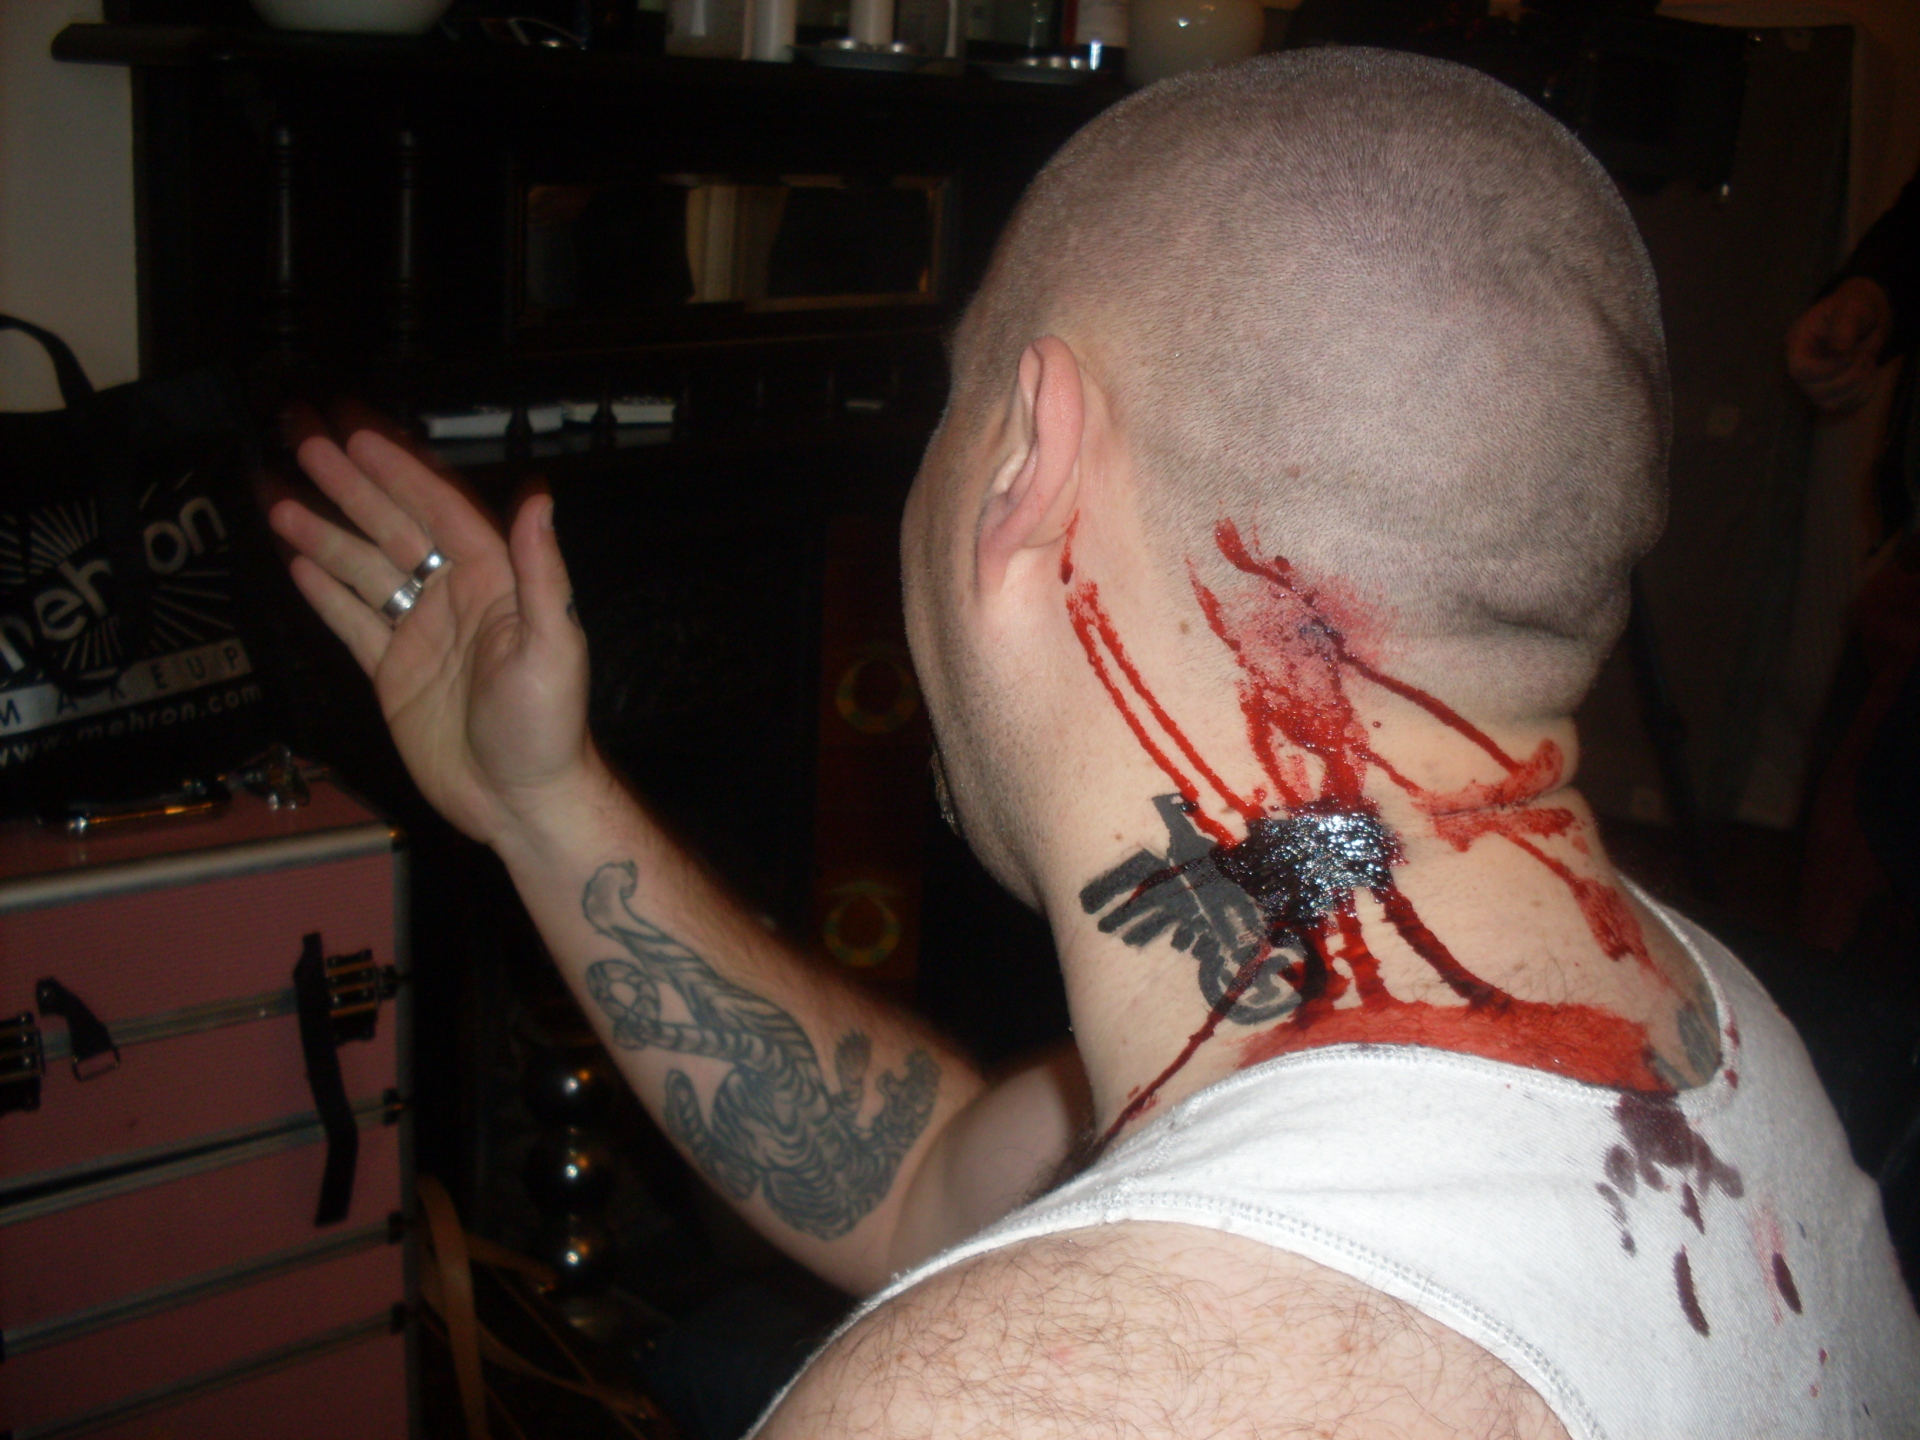 gunshot blood wound special effects (SFX) makeup Ann-Marina Perth